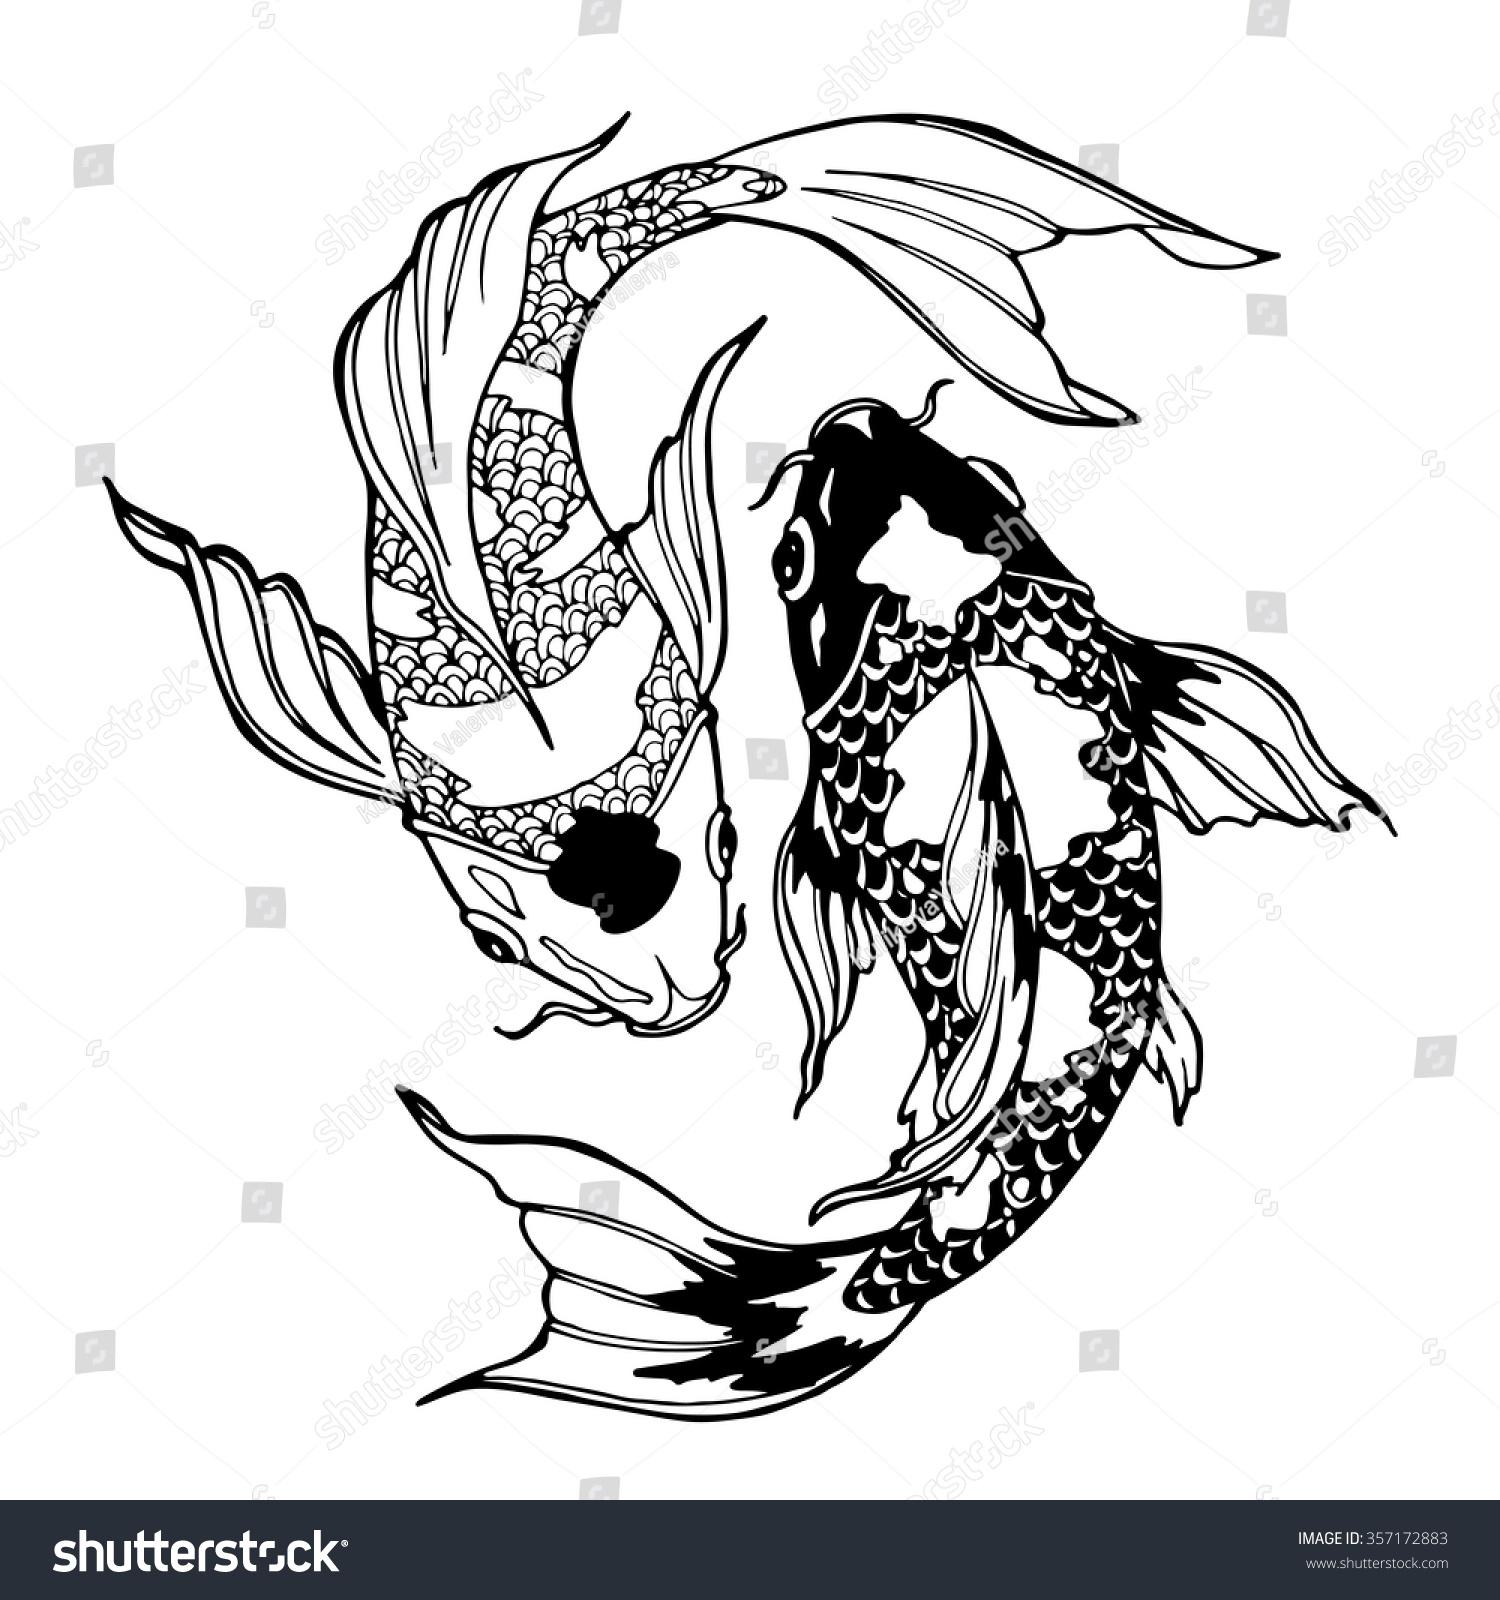 Yin yang coloring sheets - Illustration Of Koi Carp Coloring Page Yin Yang